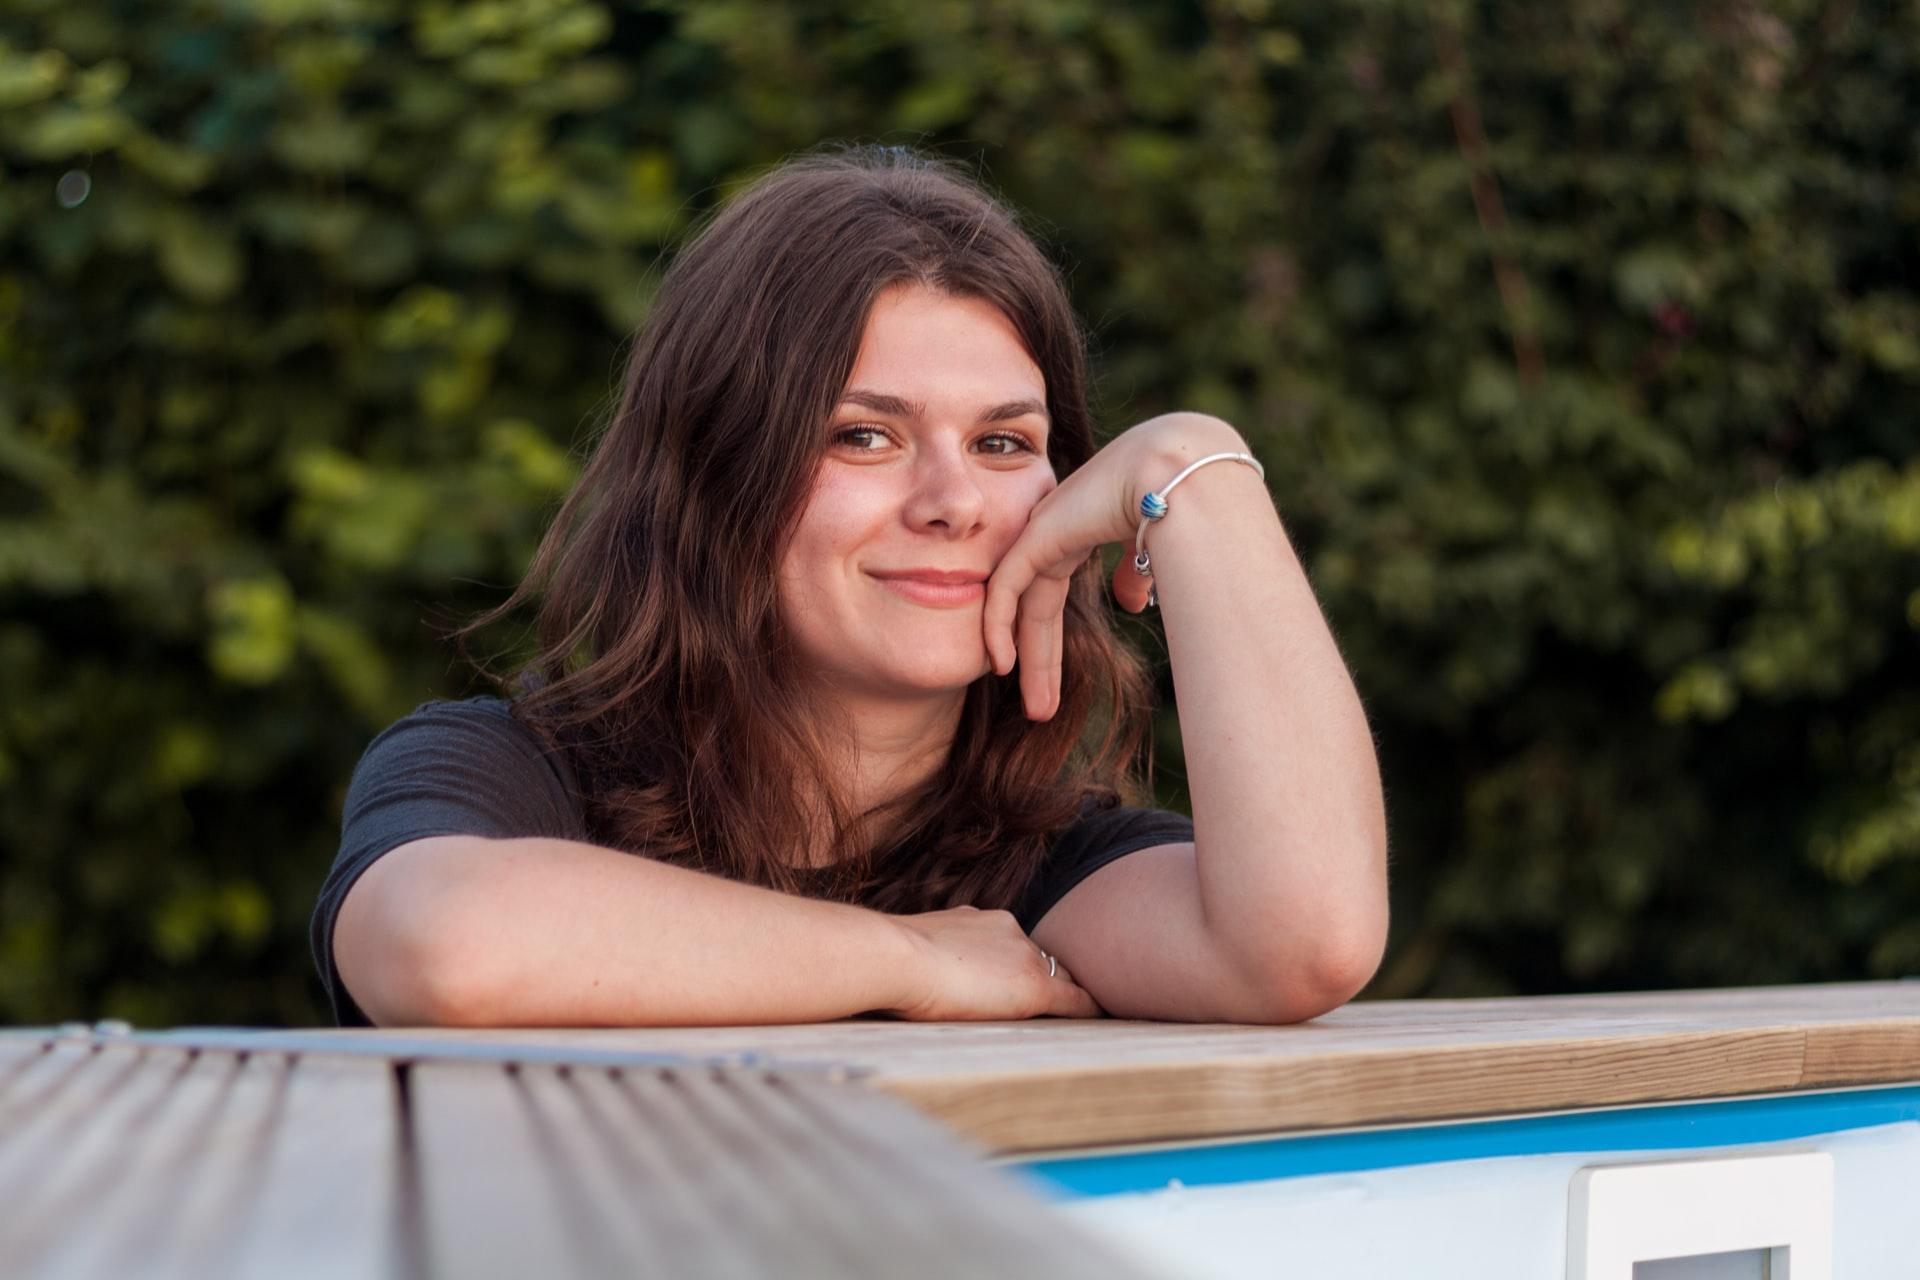 """Larissa Hamedinger, Wien: """"Die 3 Essensphasen von Seite 11 halten wirklich, was sie versprechen. Ich mach weiter - danke!"""""""